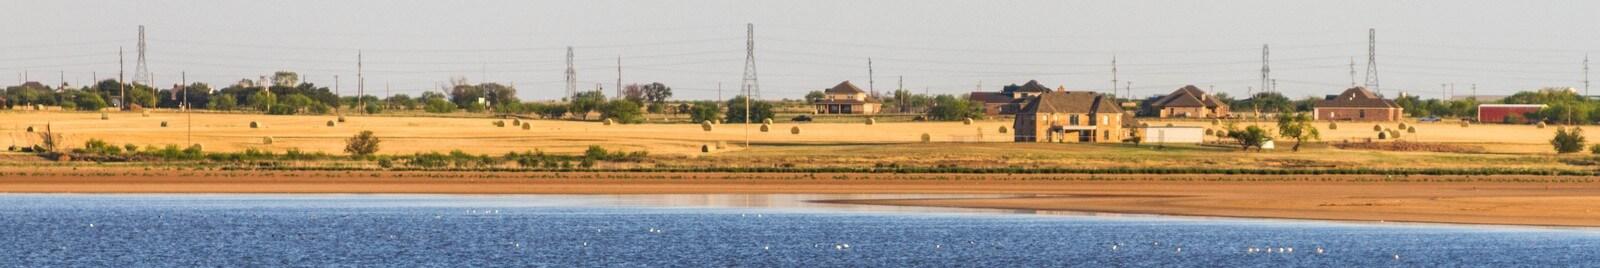 Lake Wichita (Wichita Falls, TX)